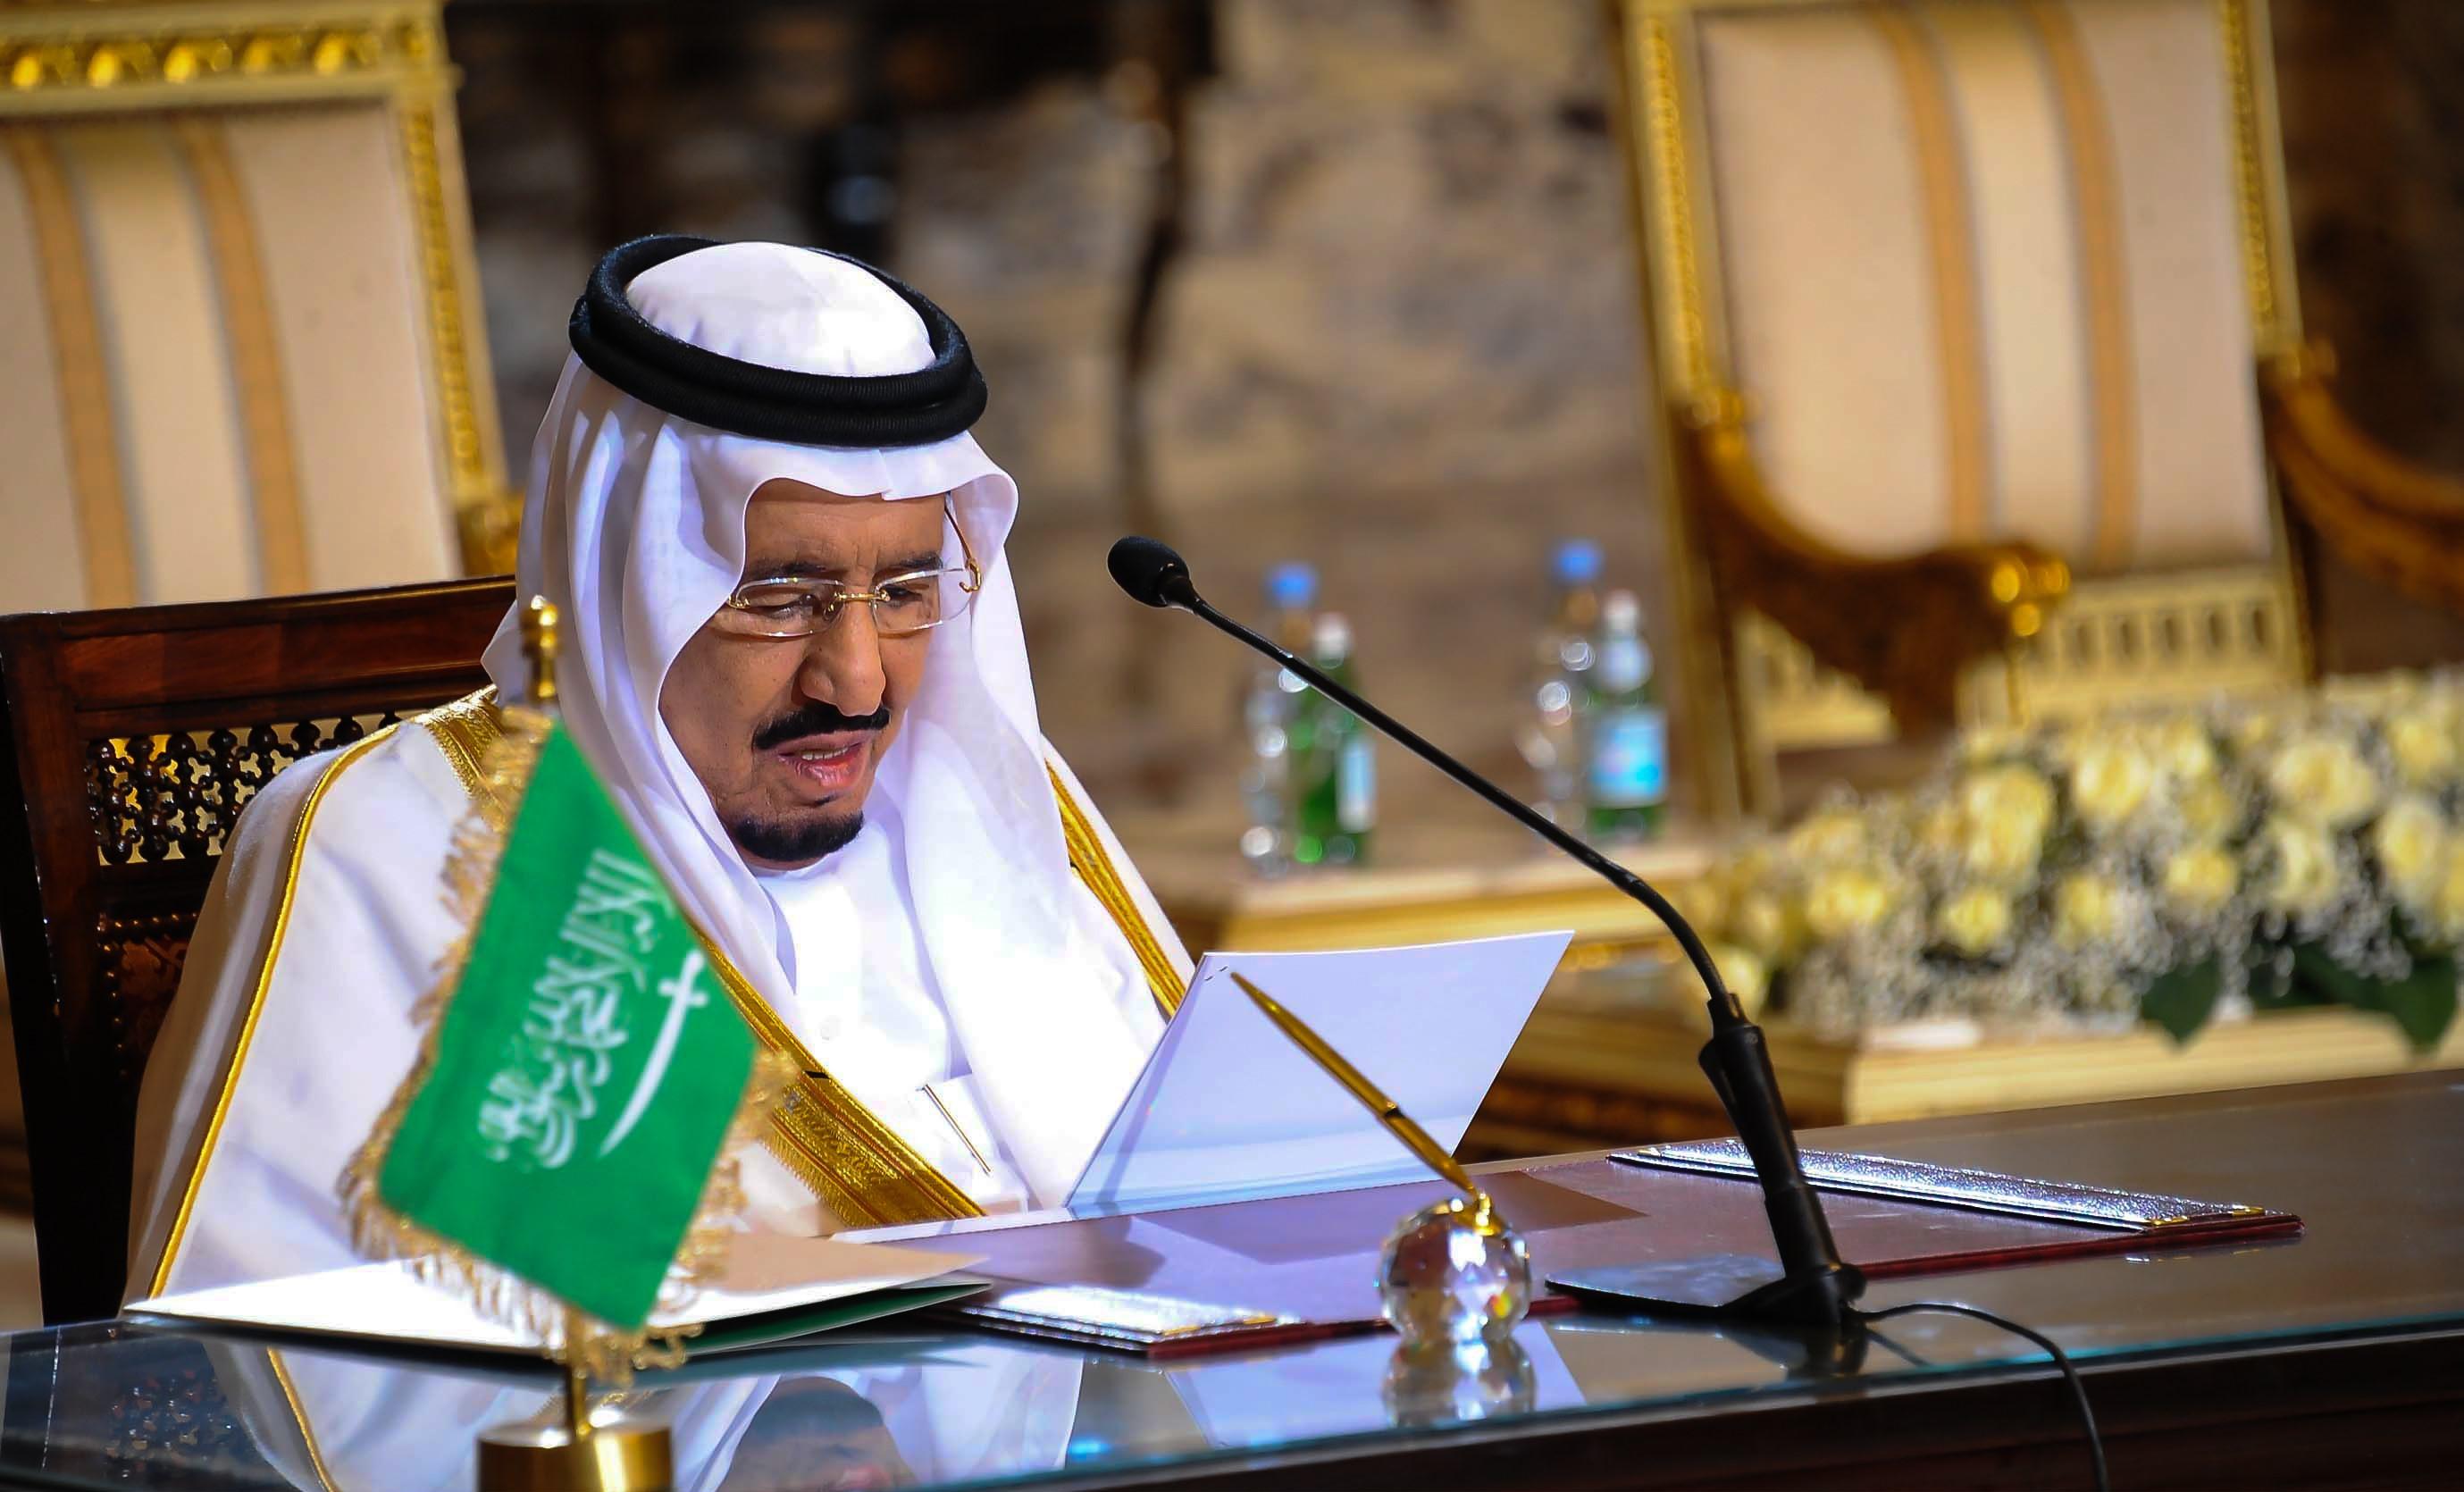 Itt tartunk: csökkenteni kellett a miniszterek fizetését Szaúd-Arábiában